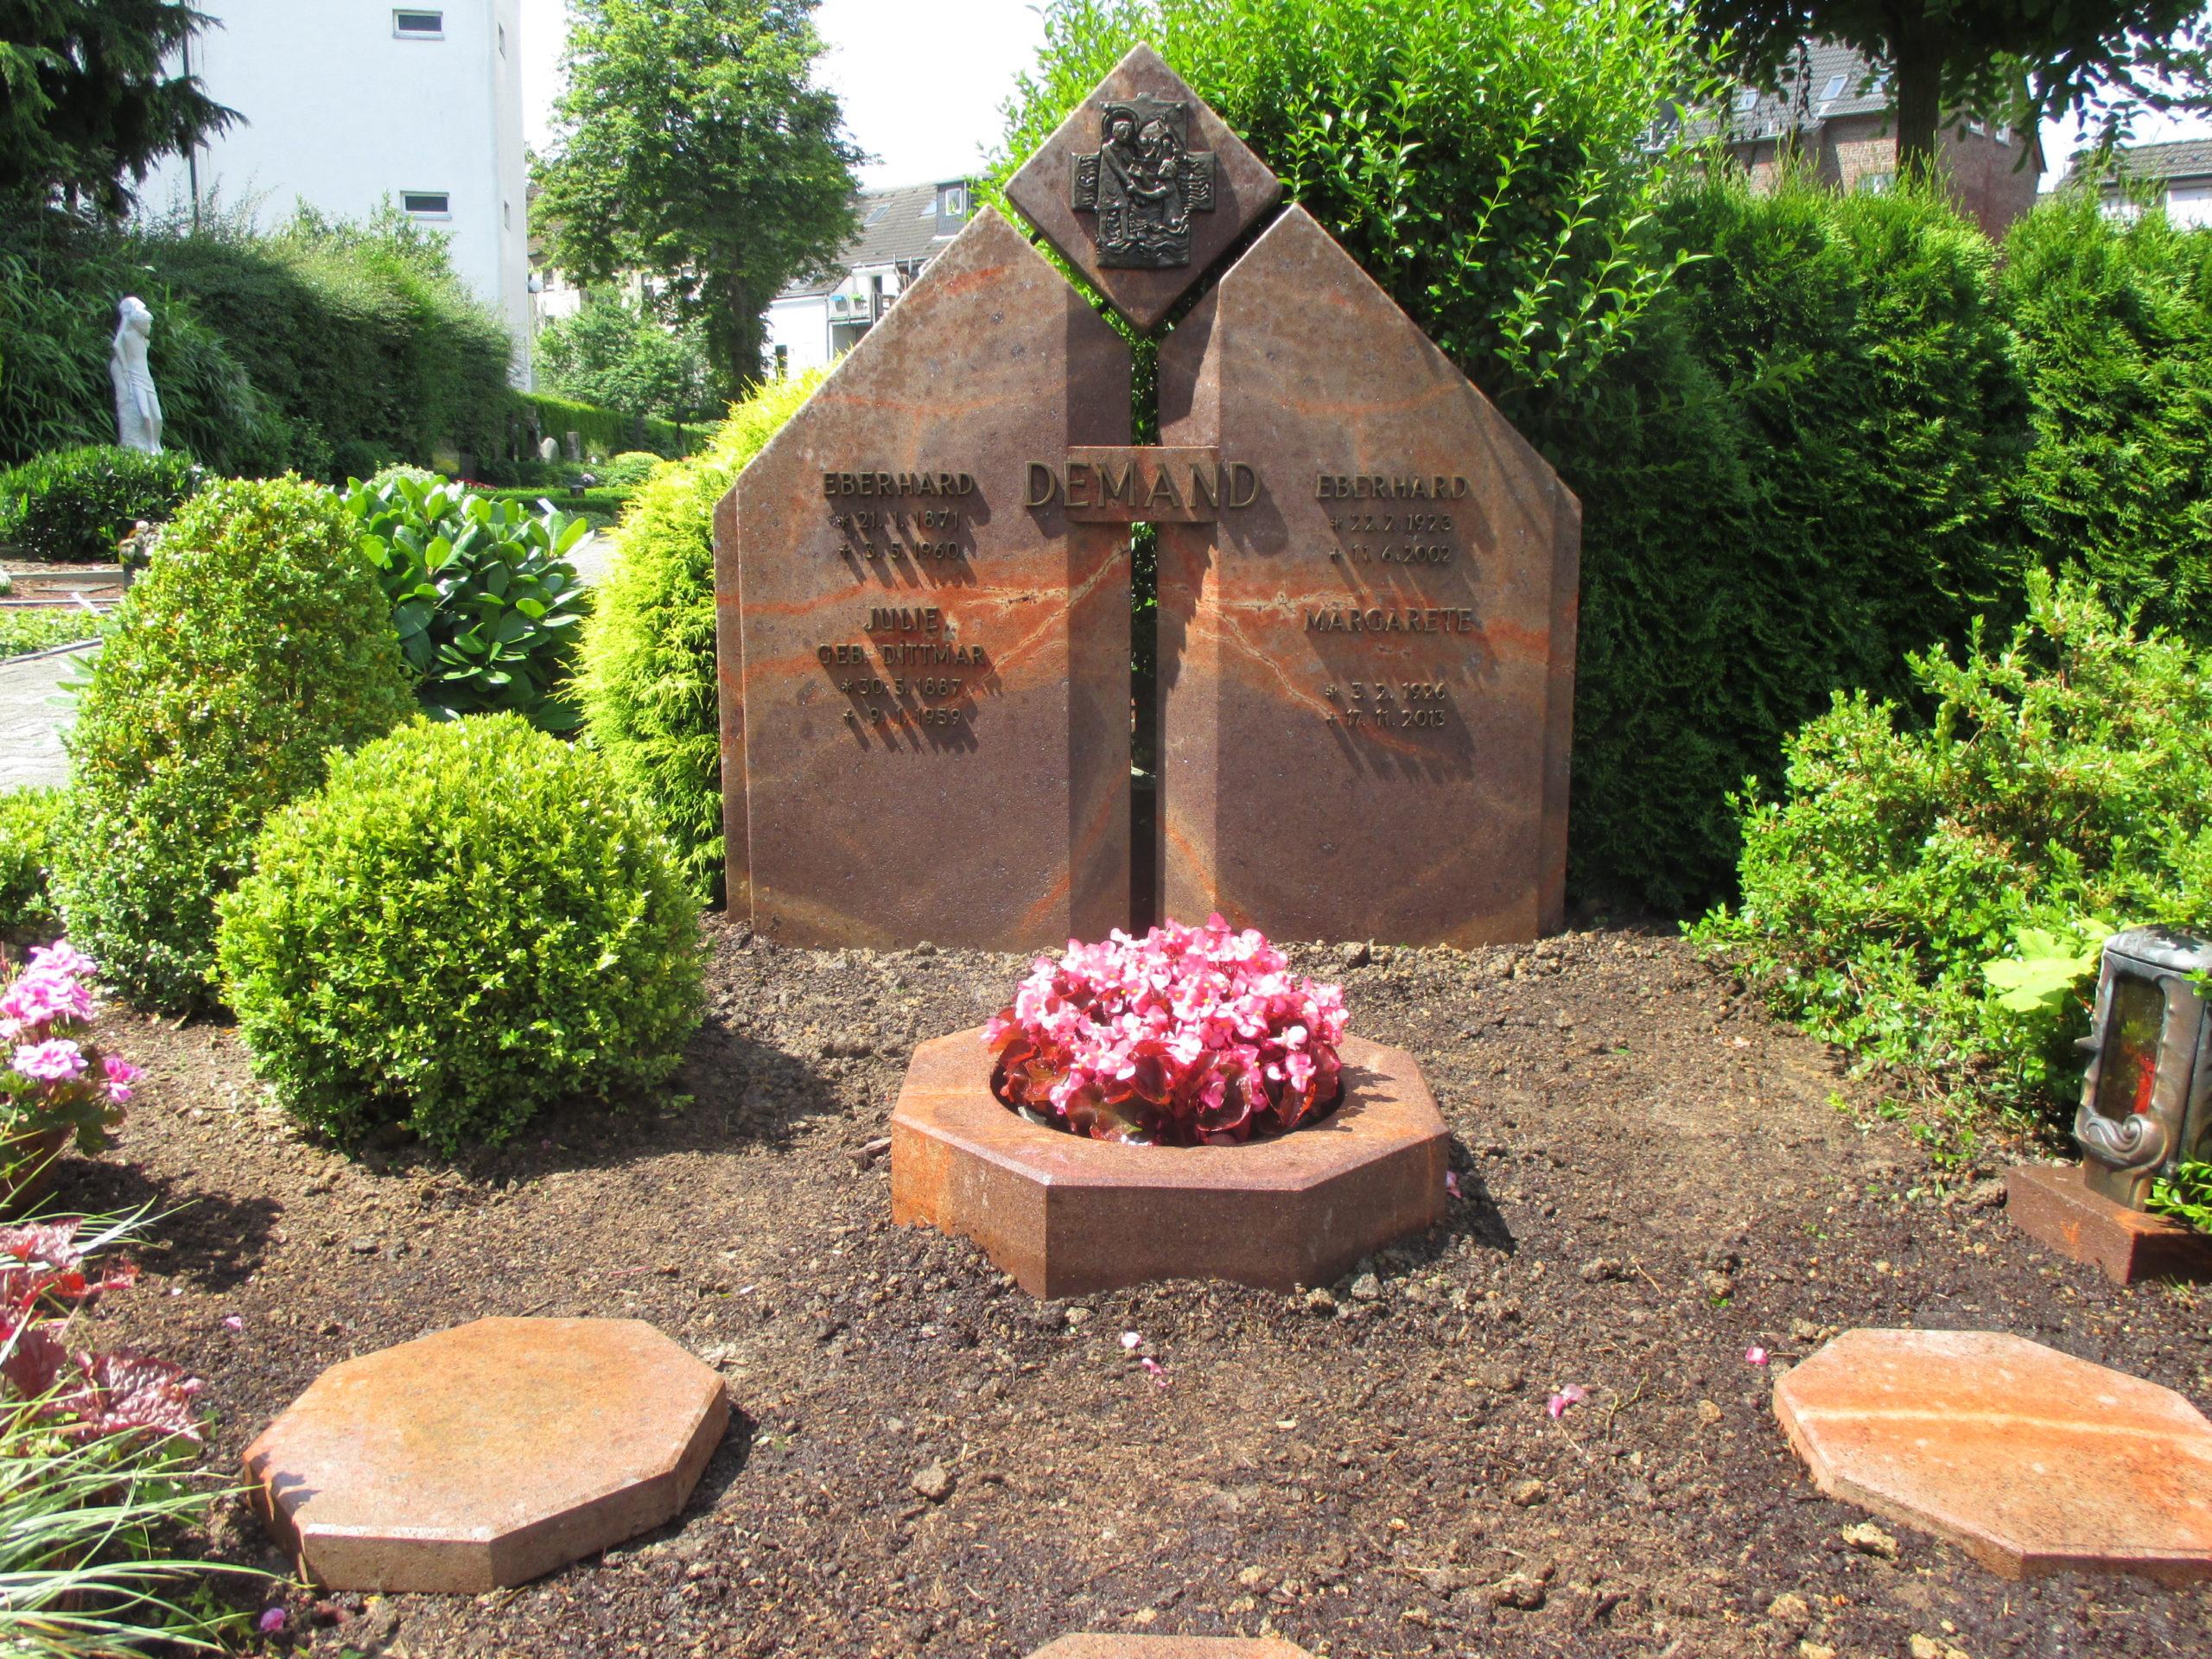 Grabanlage Demand. Rochlitzer Porphyr mit Bronzeinschrift, Trittplatten und Pflanzring.